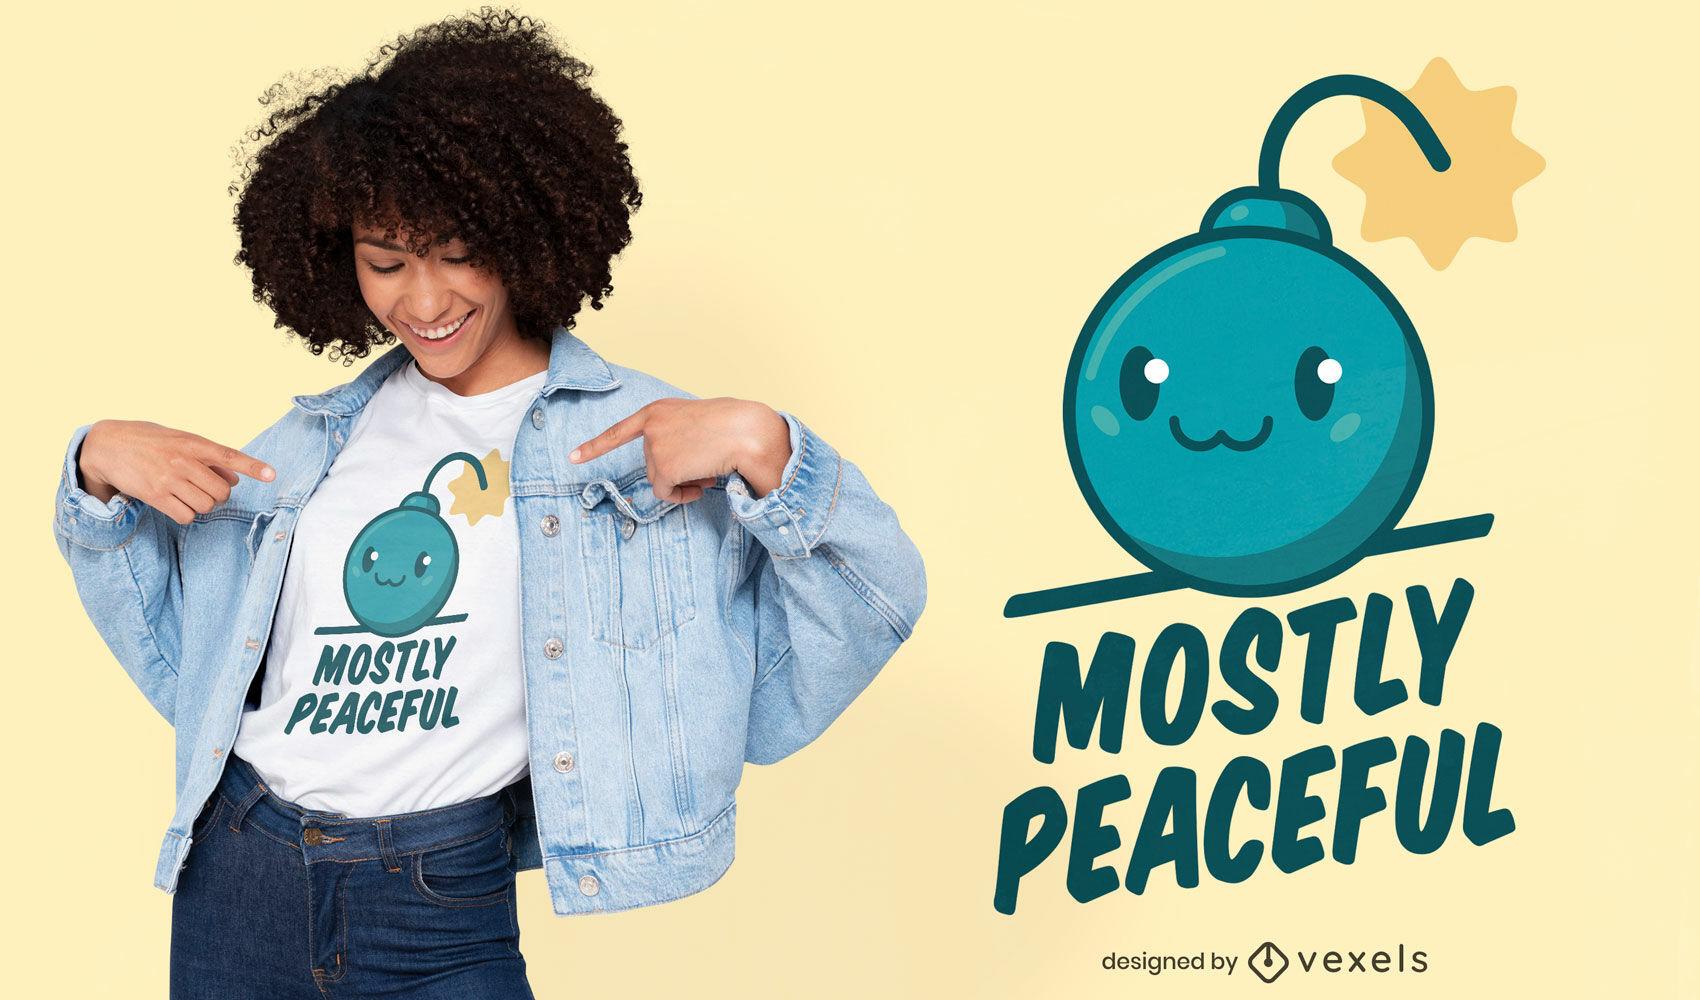 Design de t-shirt com citação de explosão de bomba fofa